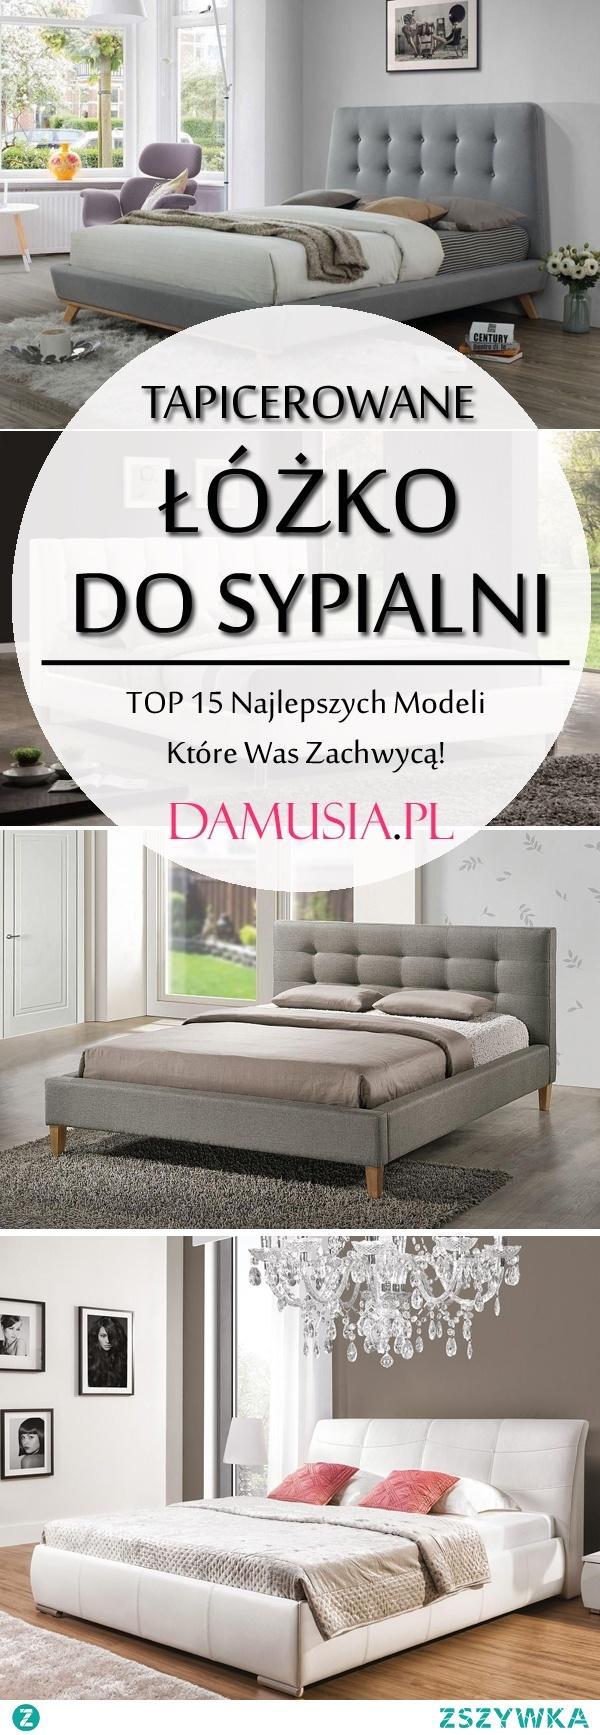 Tapicerowane Łóżko do Sypialni: TOP 15 Najlepszych Modeli Które Was Zachwycą